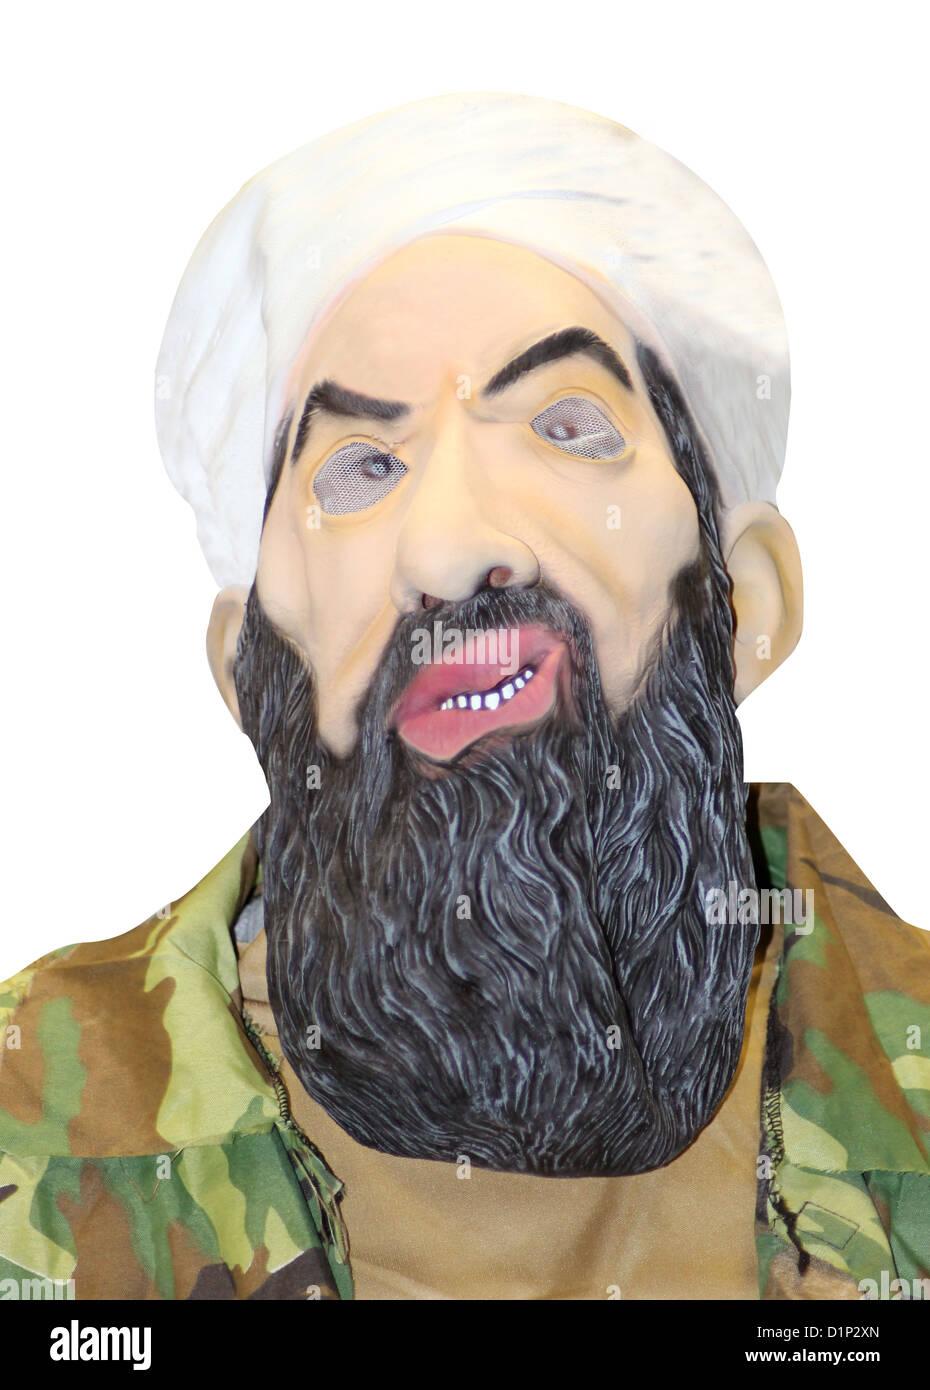 Ritratto di persona nella maschera di Osama Bin Laden, bianco di sfondo per studio. Immagini Stock